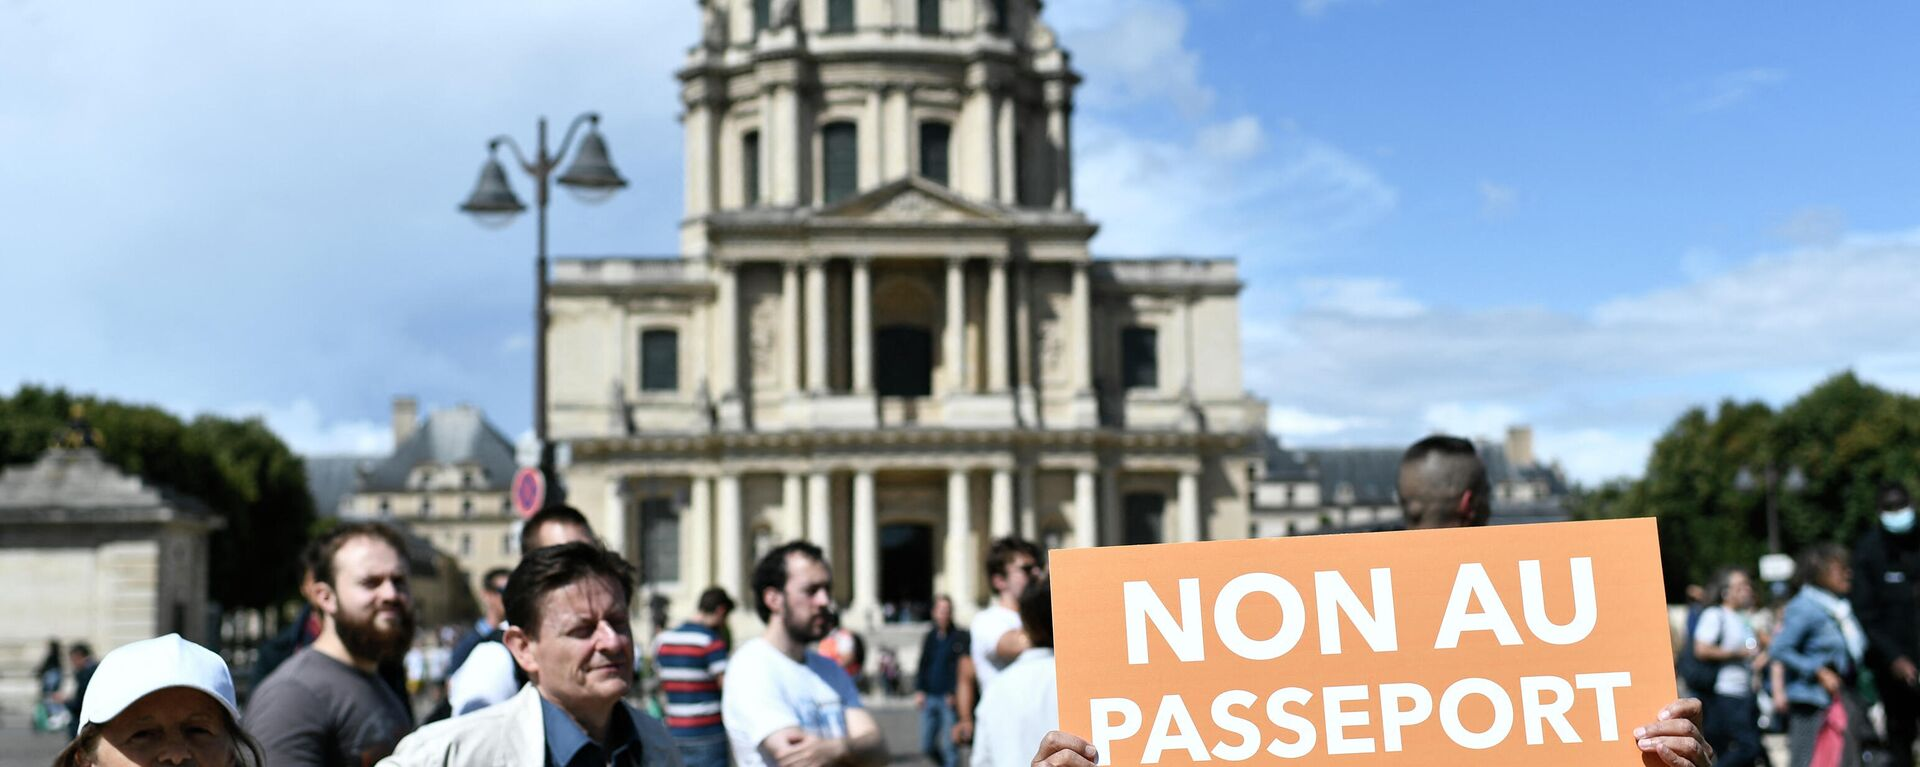 Zehntausende protestieren in Frankreich am 7. August 2021 gegen Corona-Impfpass - SNA, 1920, 07.08.2021